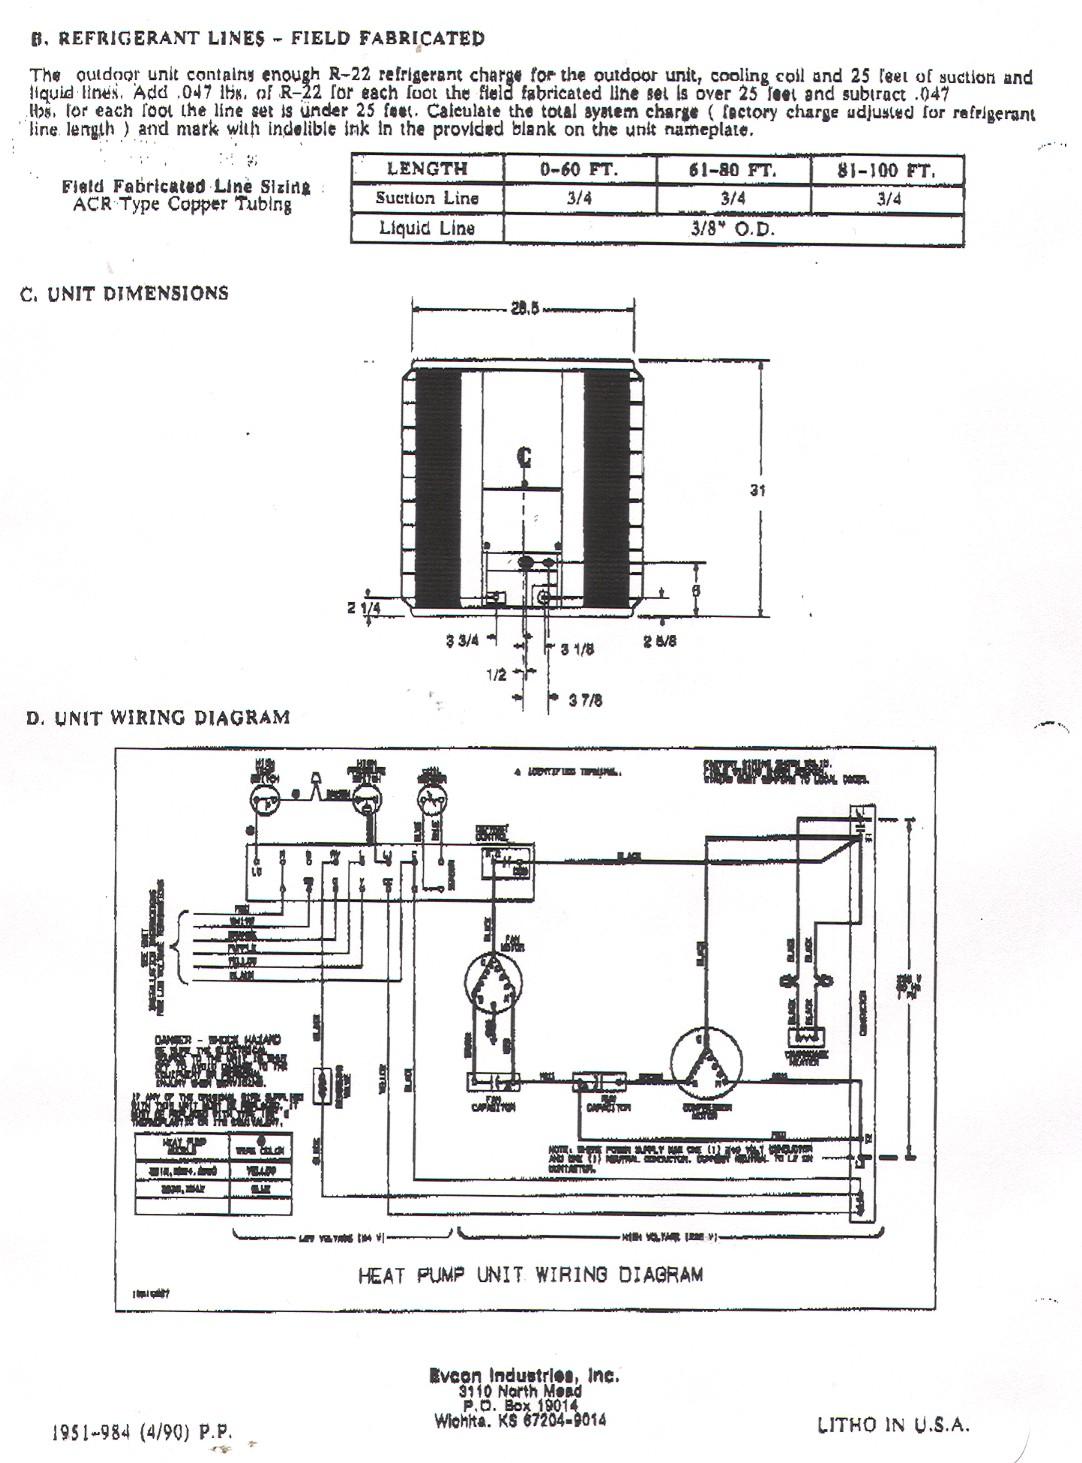 carrier heat pump wiring diagram Download-York Heat Pump Wiring Diagram 10-a